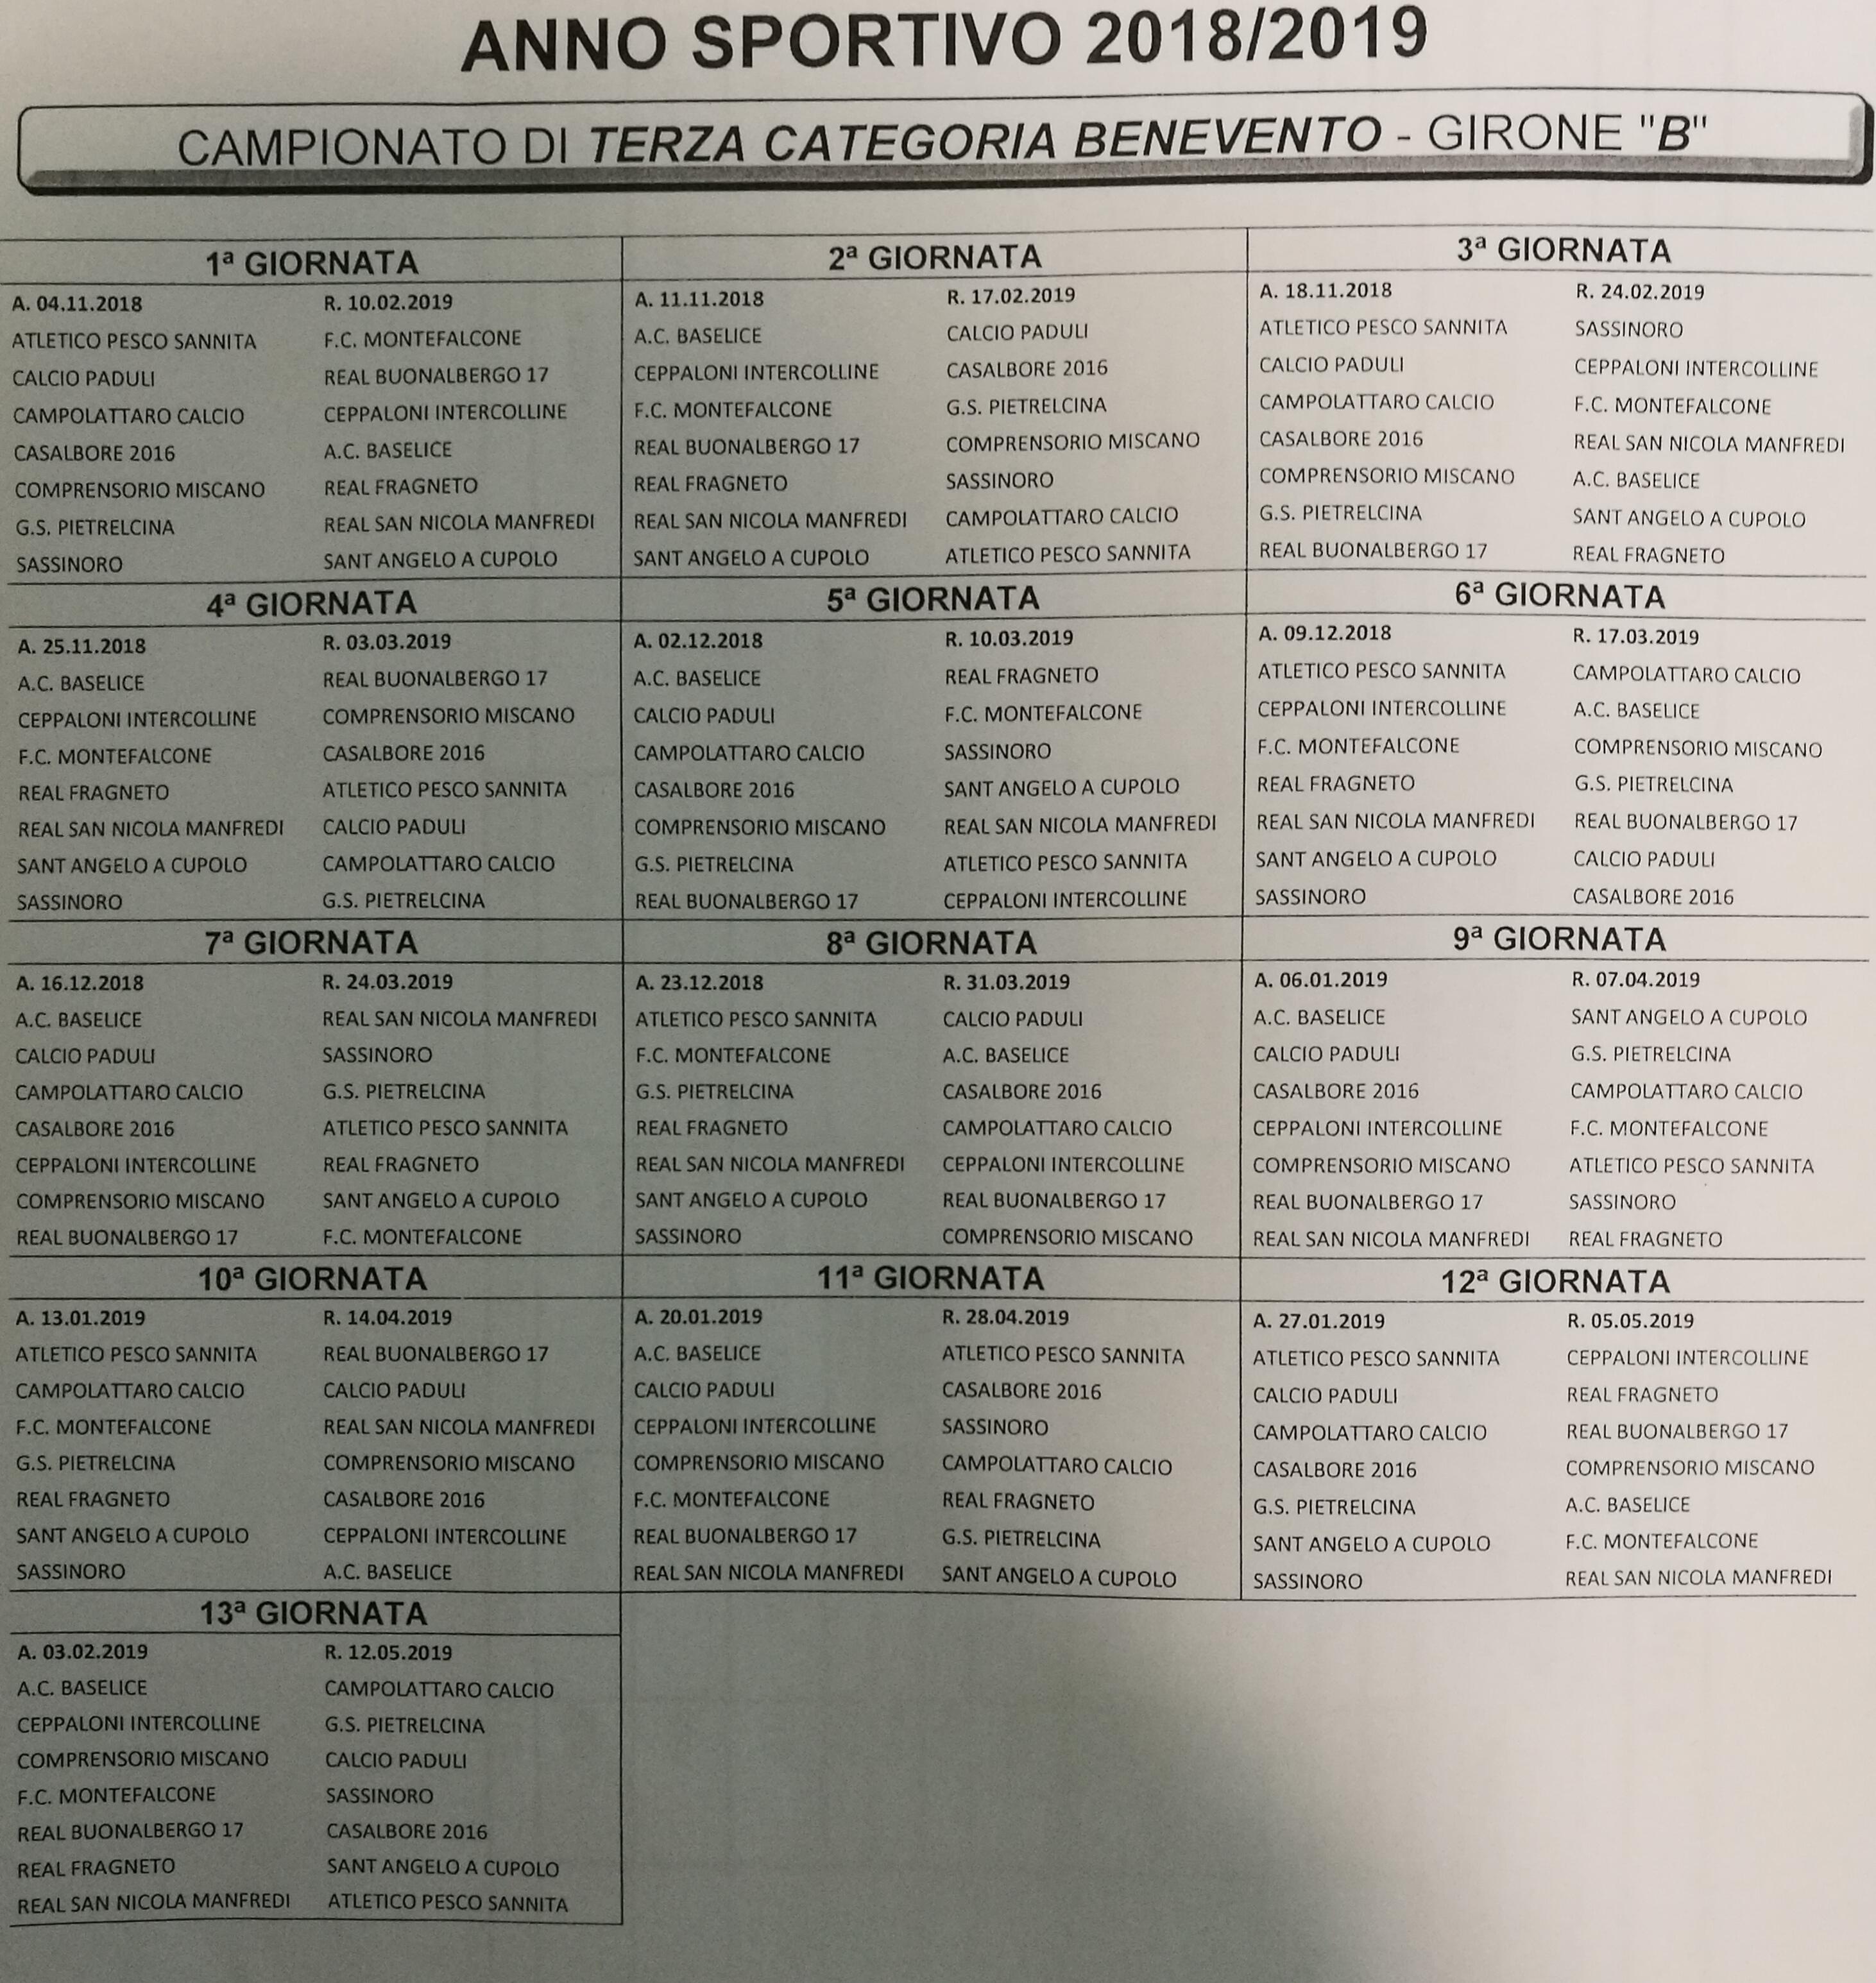 Calendario Lega Pro Girone B Anticipi E Posticipi.Terza Categoria Girone B Calendario Completo Stagione 2018